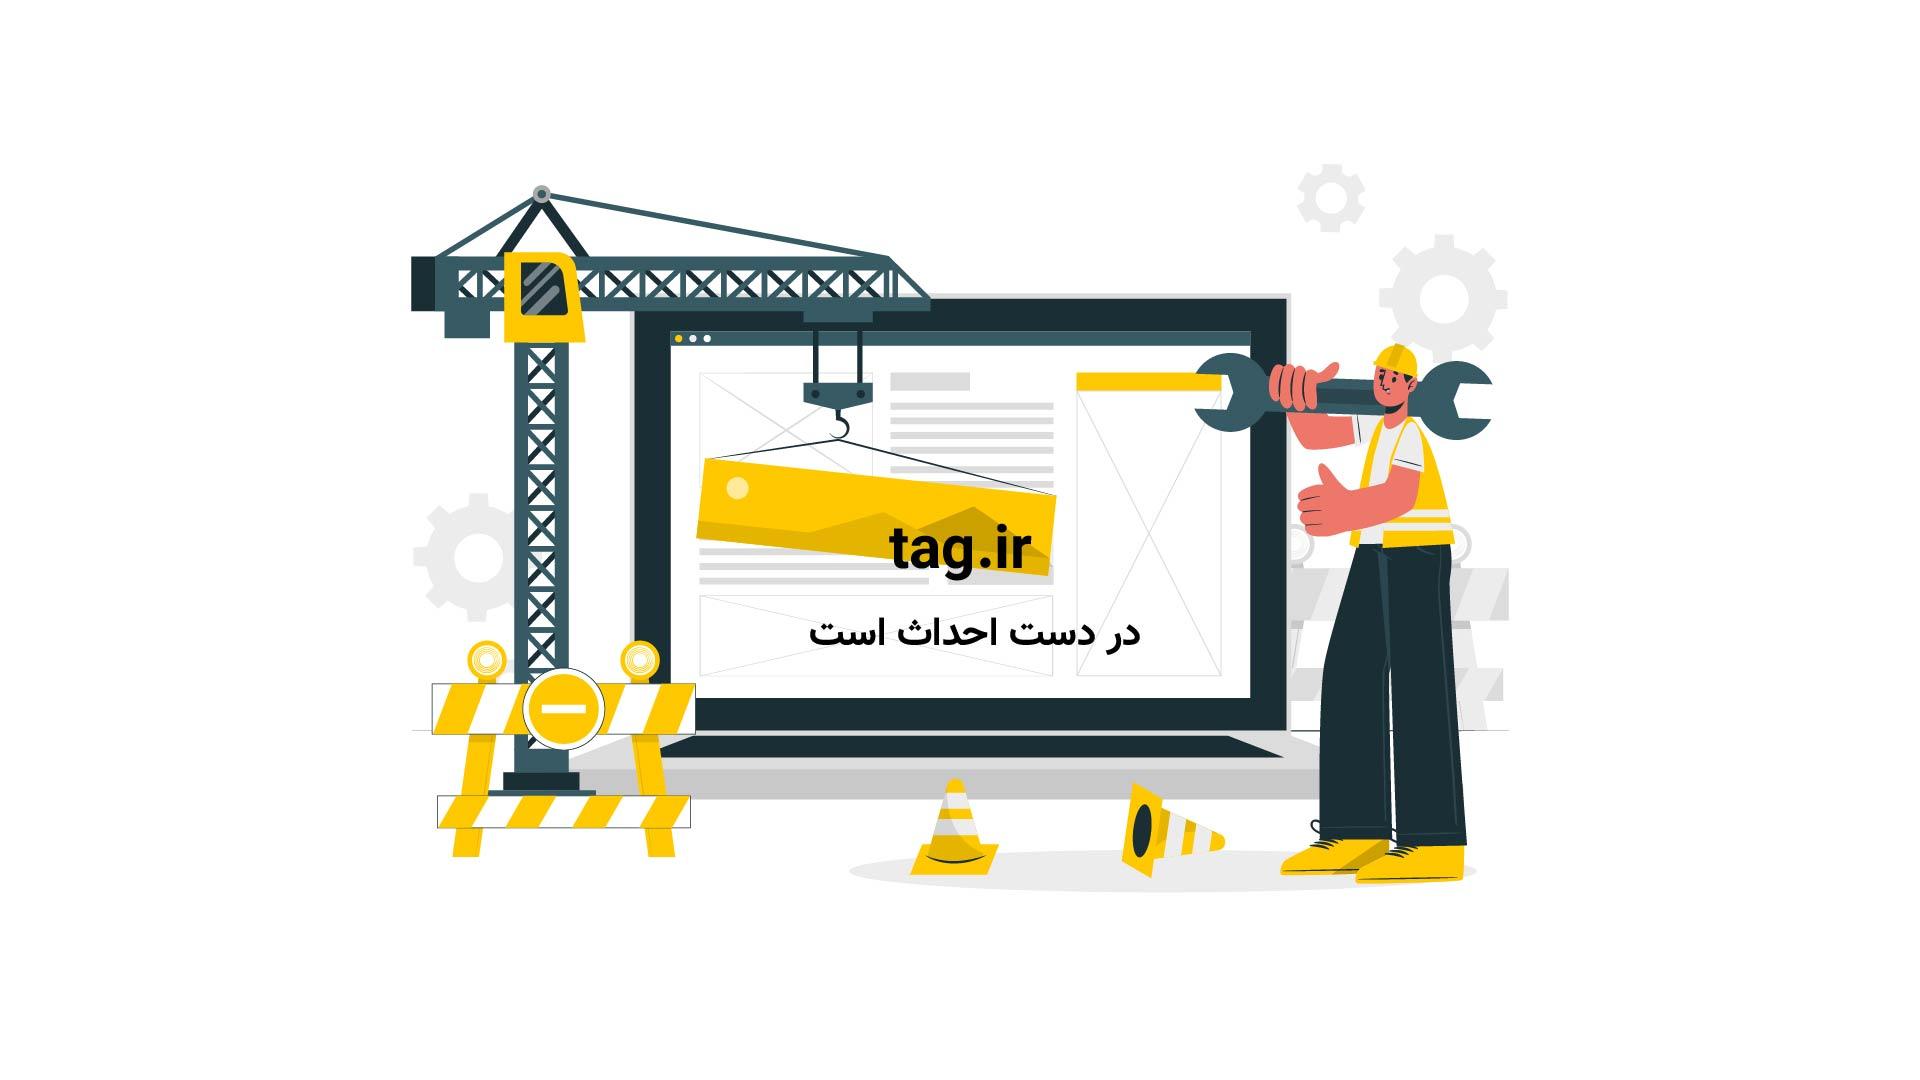 عناوین روزنامههای اقتصادی چهارشنبه ۲۶ مهر | فیلم